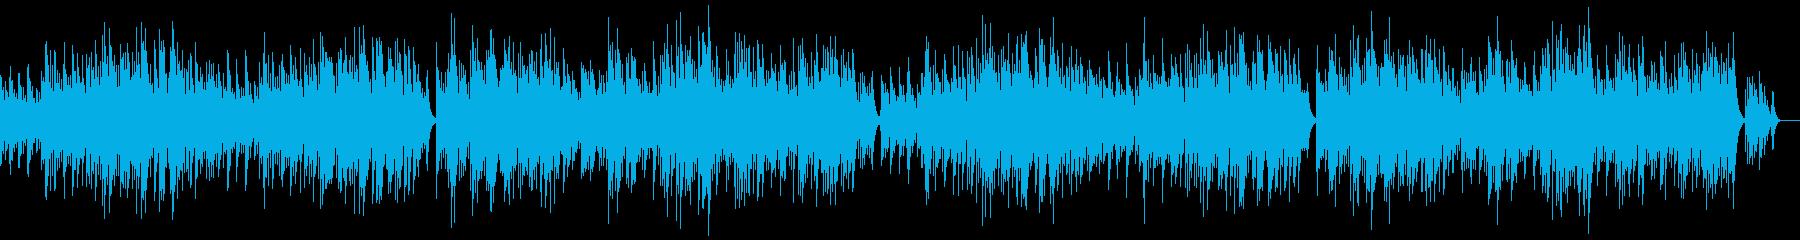 「G線上のアリア」のオルゴールソロの再生済みの波形